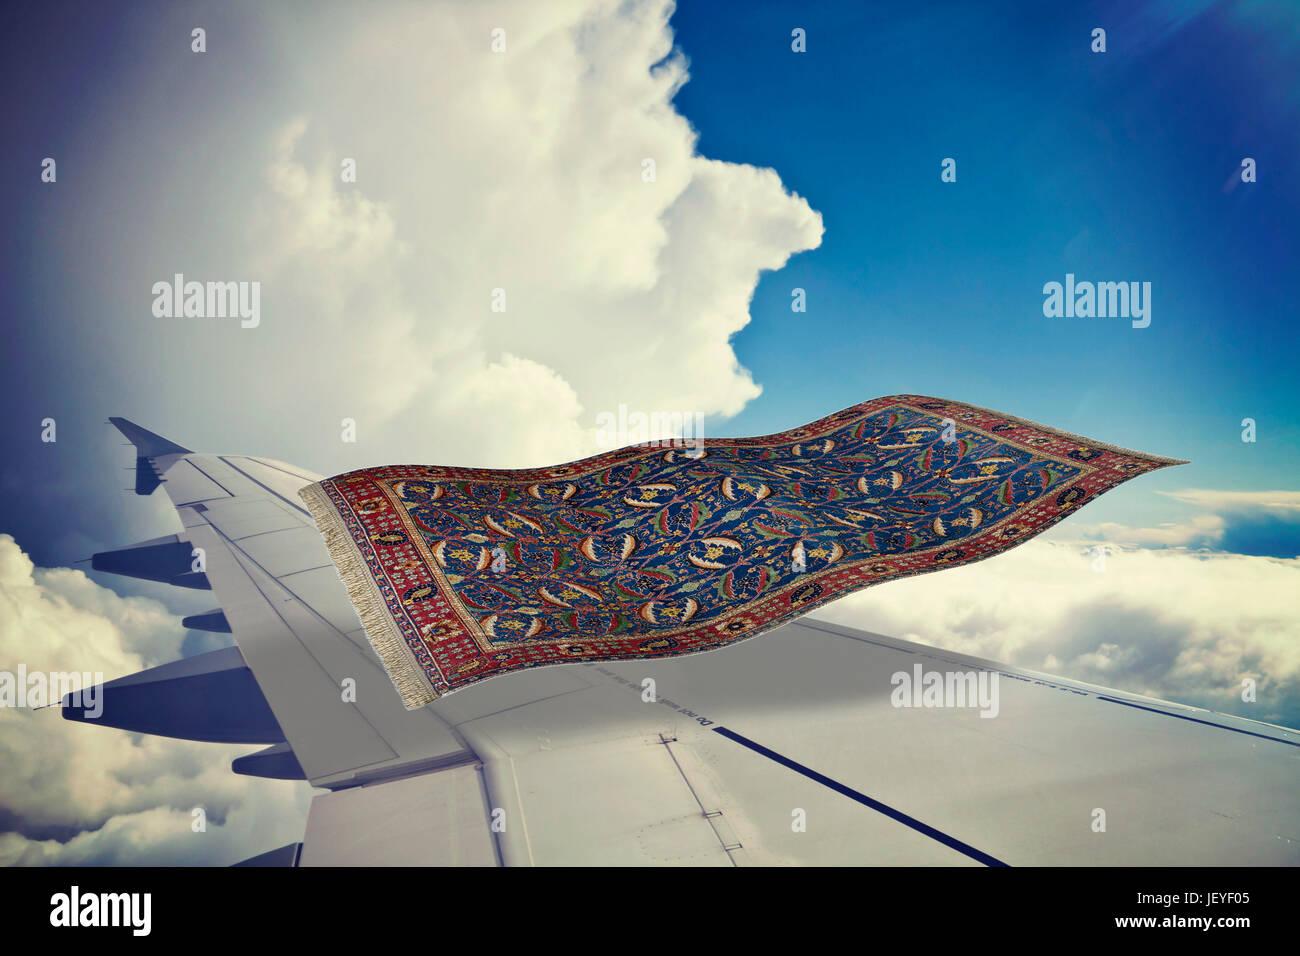 surrealistischer fliegender teppich fliegt ber ein flugzeug in den blauen himmel partielles 3d. Black Bedroom Furniture Sets. Home Design Ideas